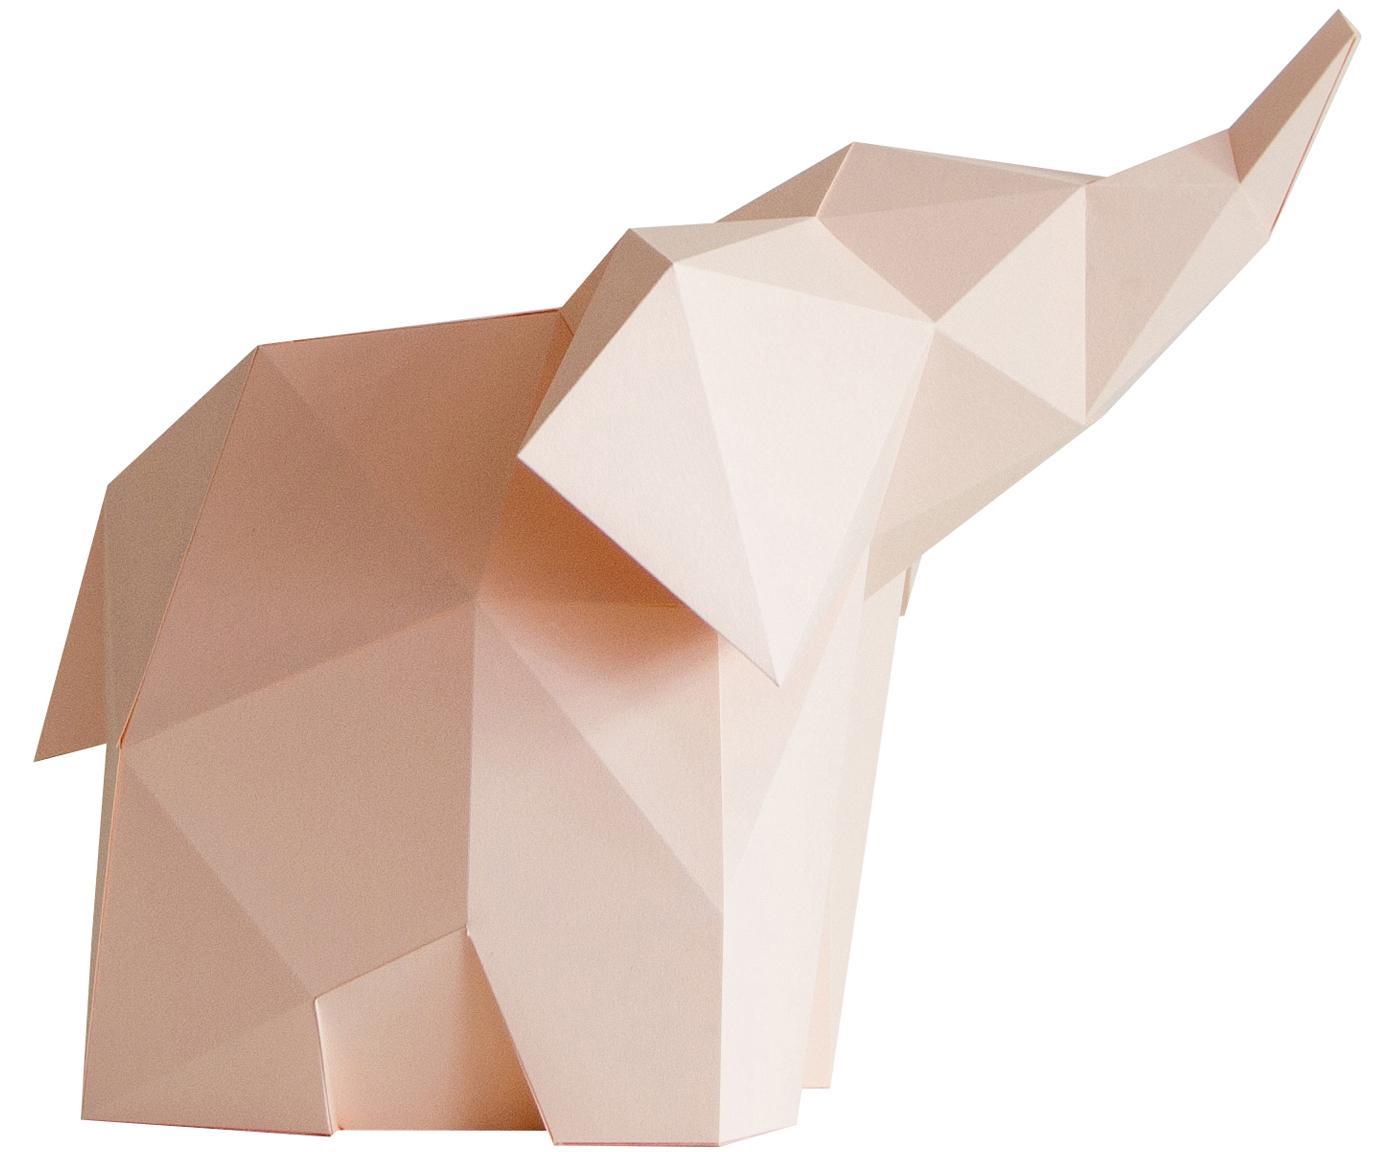 Tischleuchte Baby Elephant, Bausatz aus Papier, Lampenschirm: Papier, 160 g/m², Sockel: Holzfaserplatte und Kunst, Rosa, 23 x 24 cm